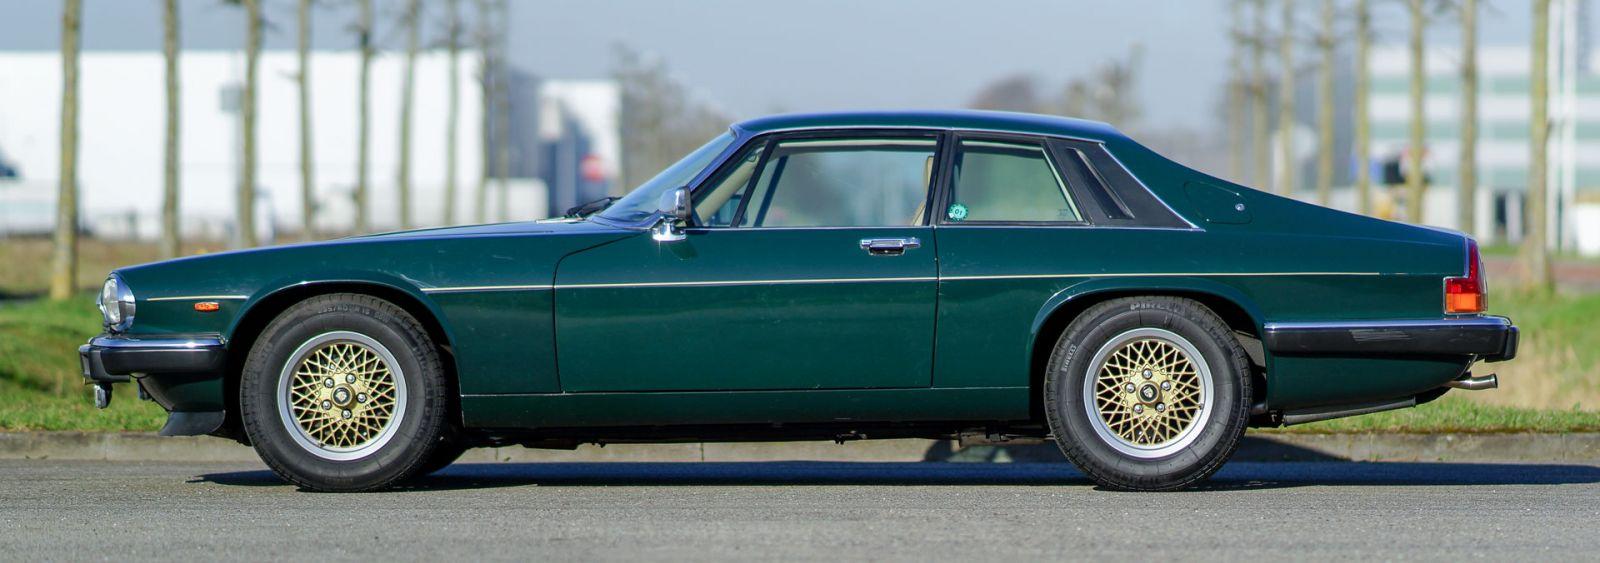 Jaguar Xj 53 C V12 Coupe